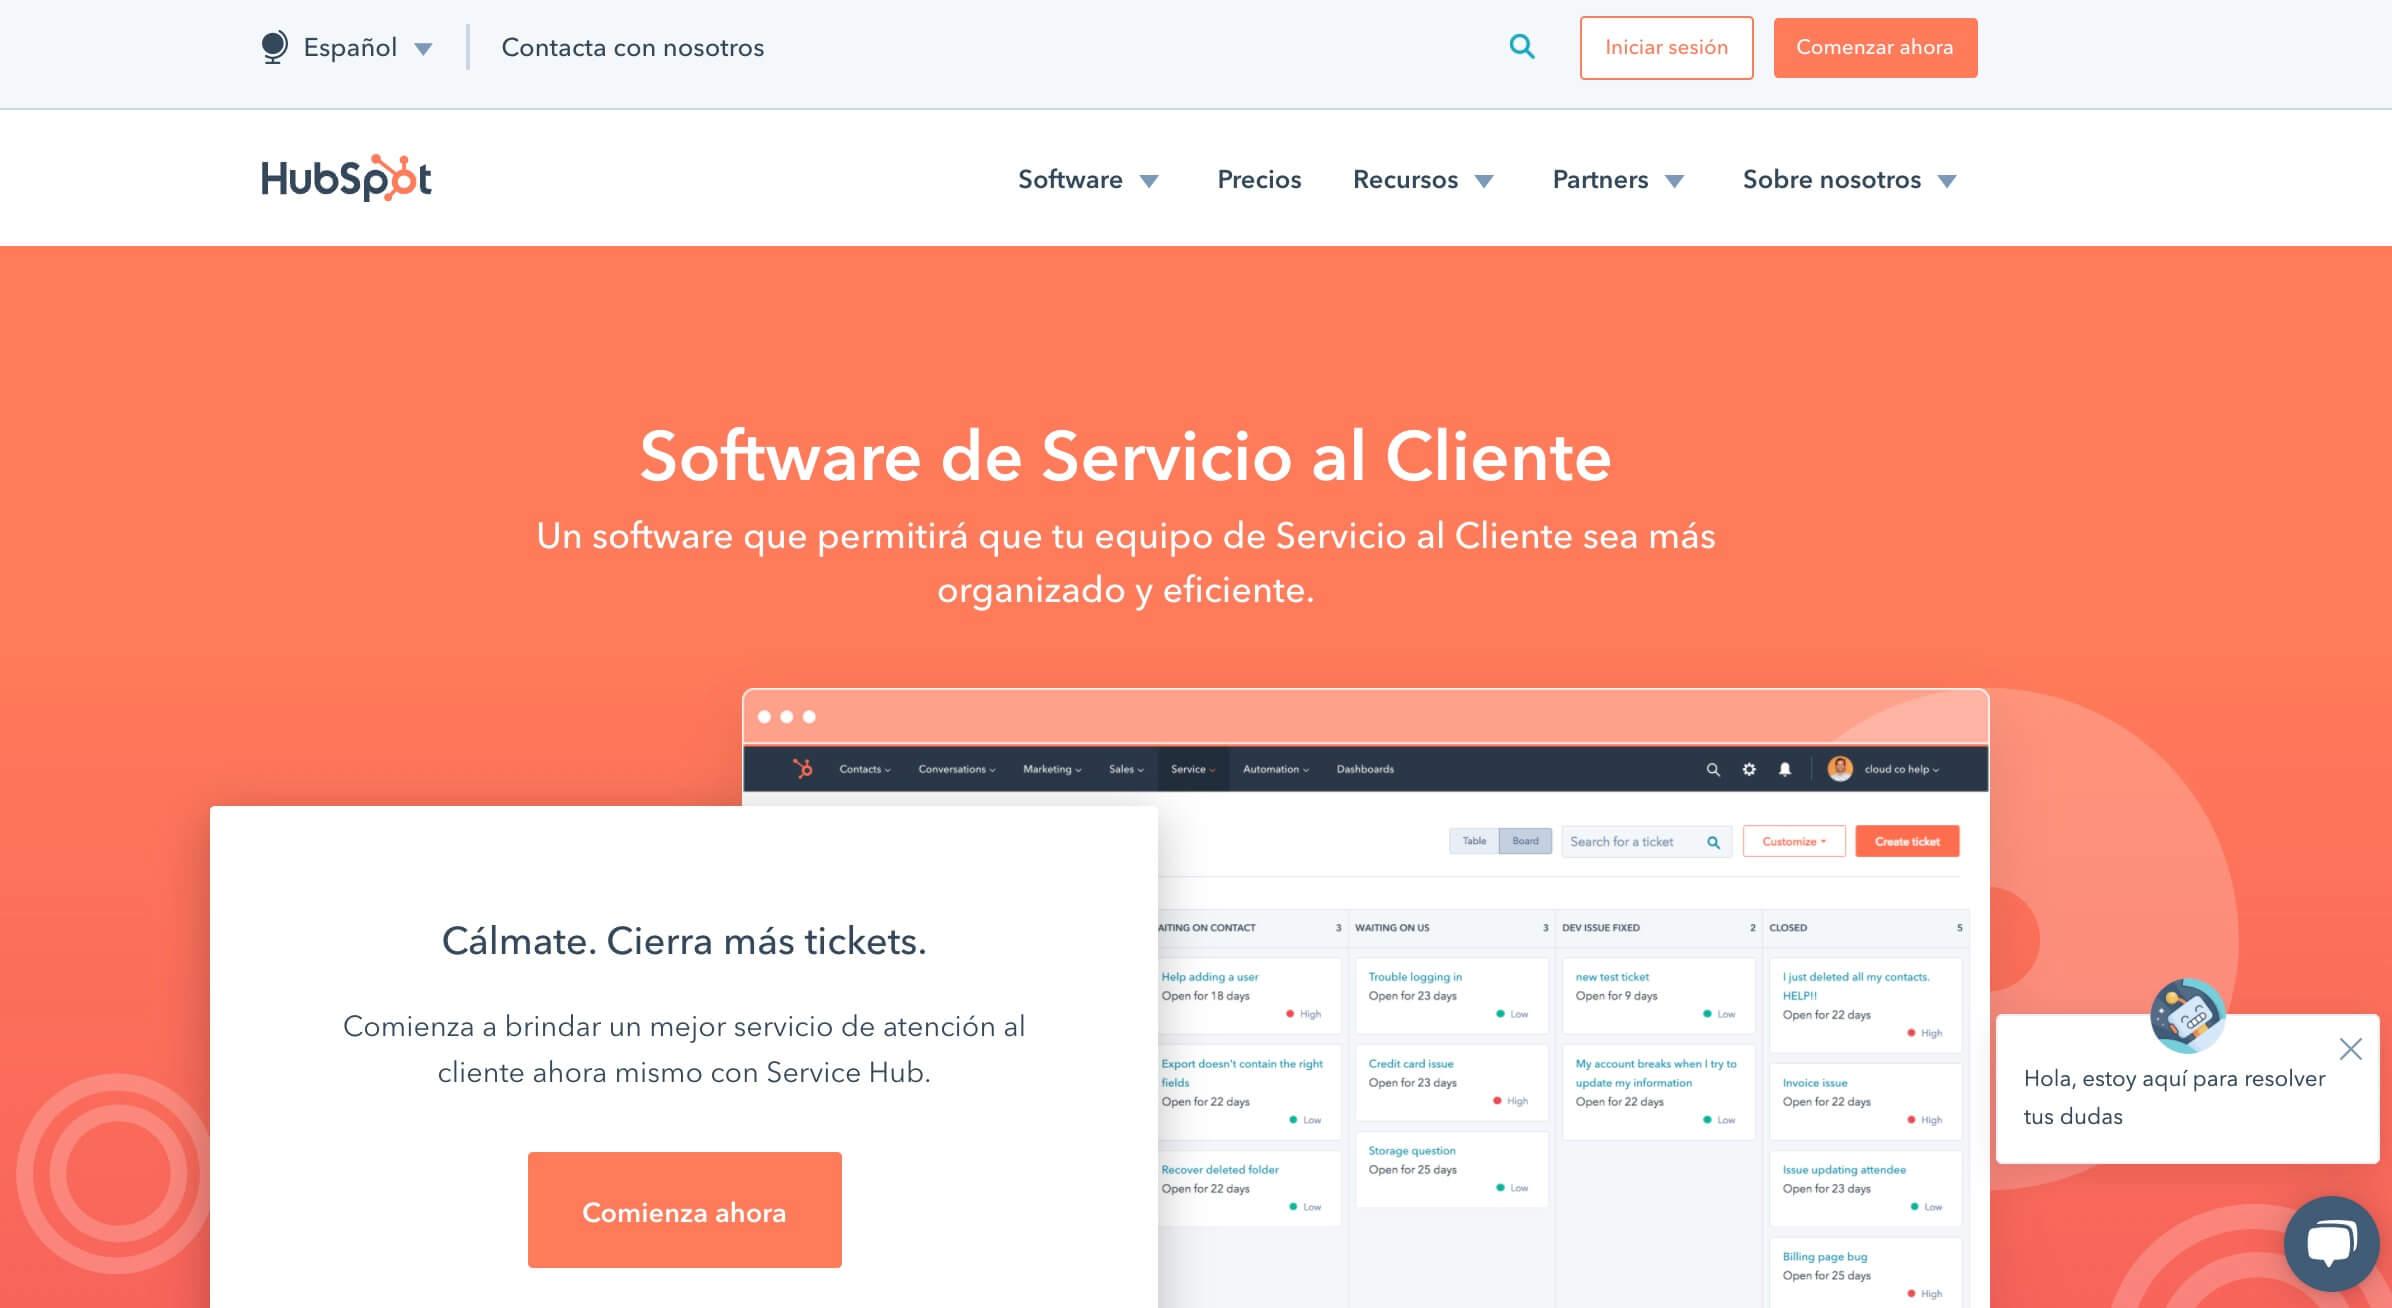 Herramienta de gestión de customer experience: Service Hub